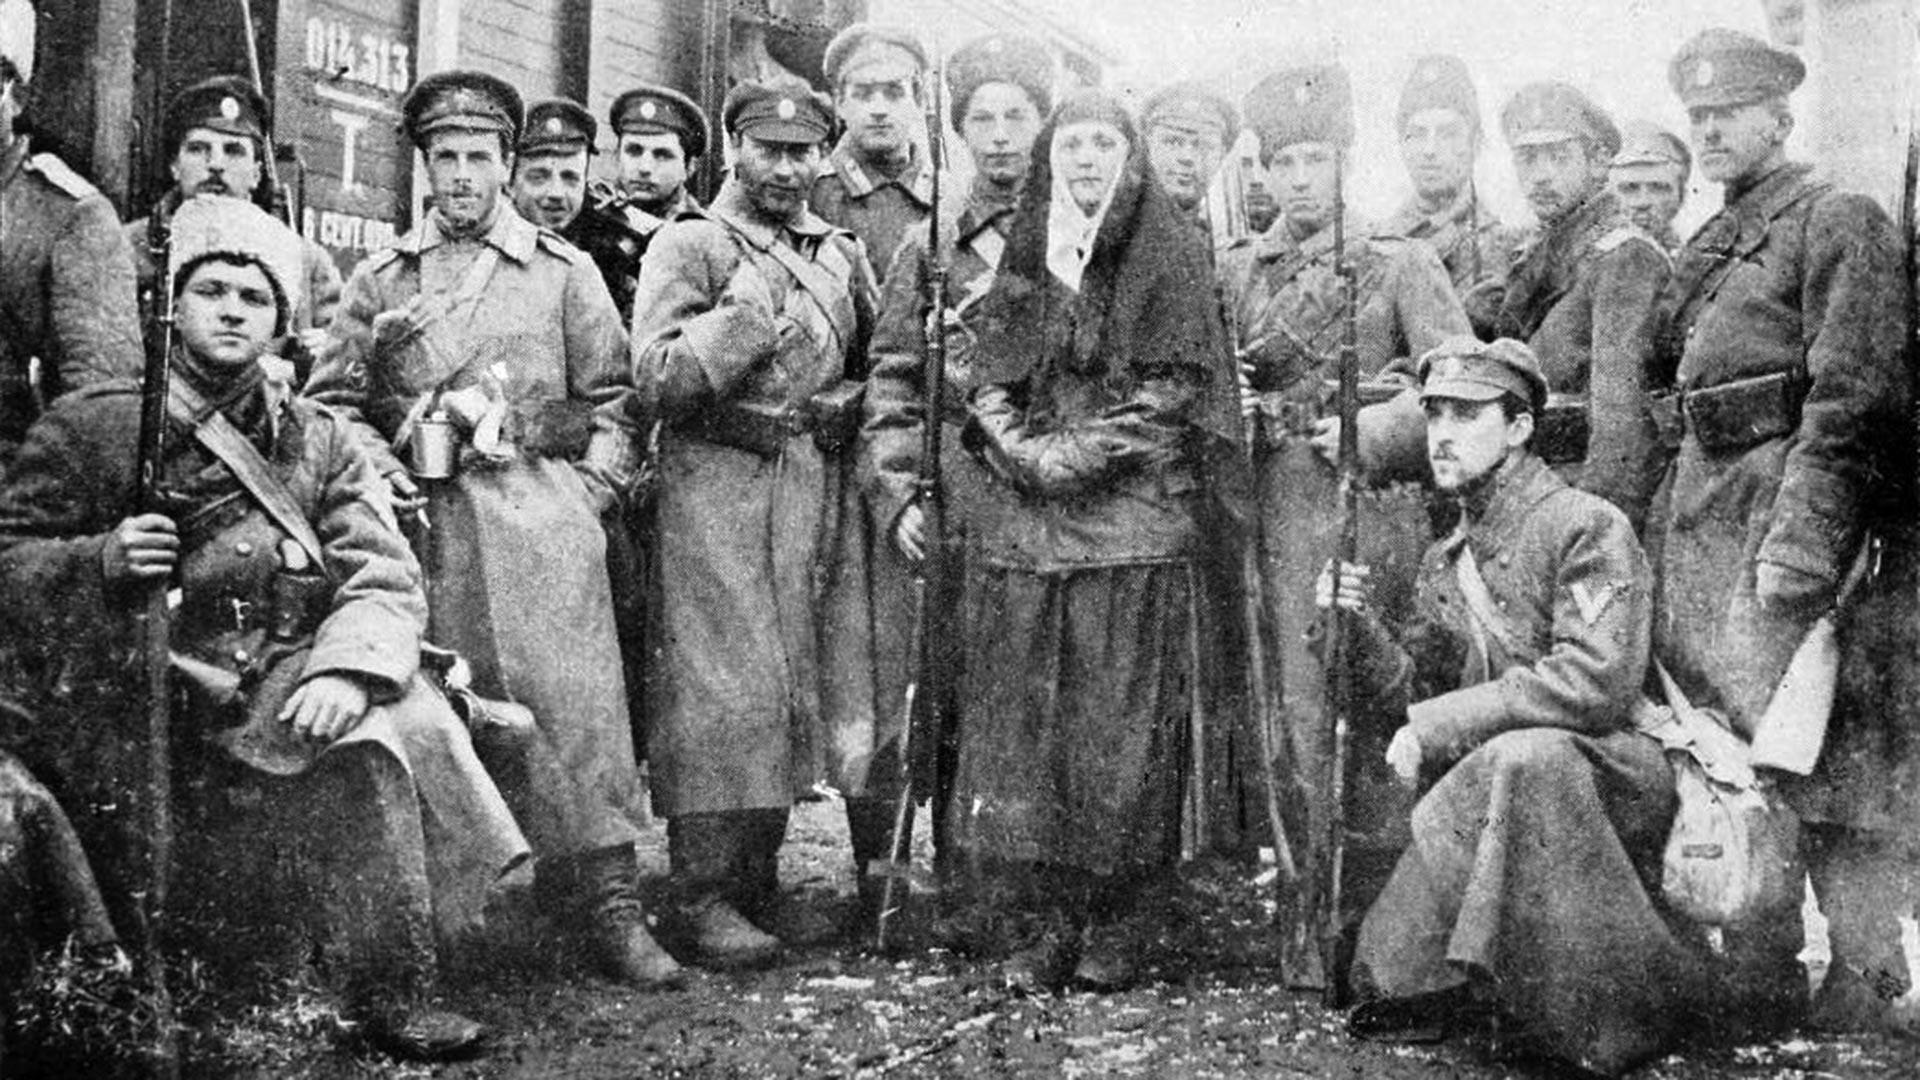 Pješadijska četa Dobrovoljačke armije s gardijskim časnicima.